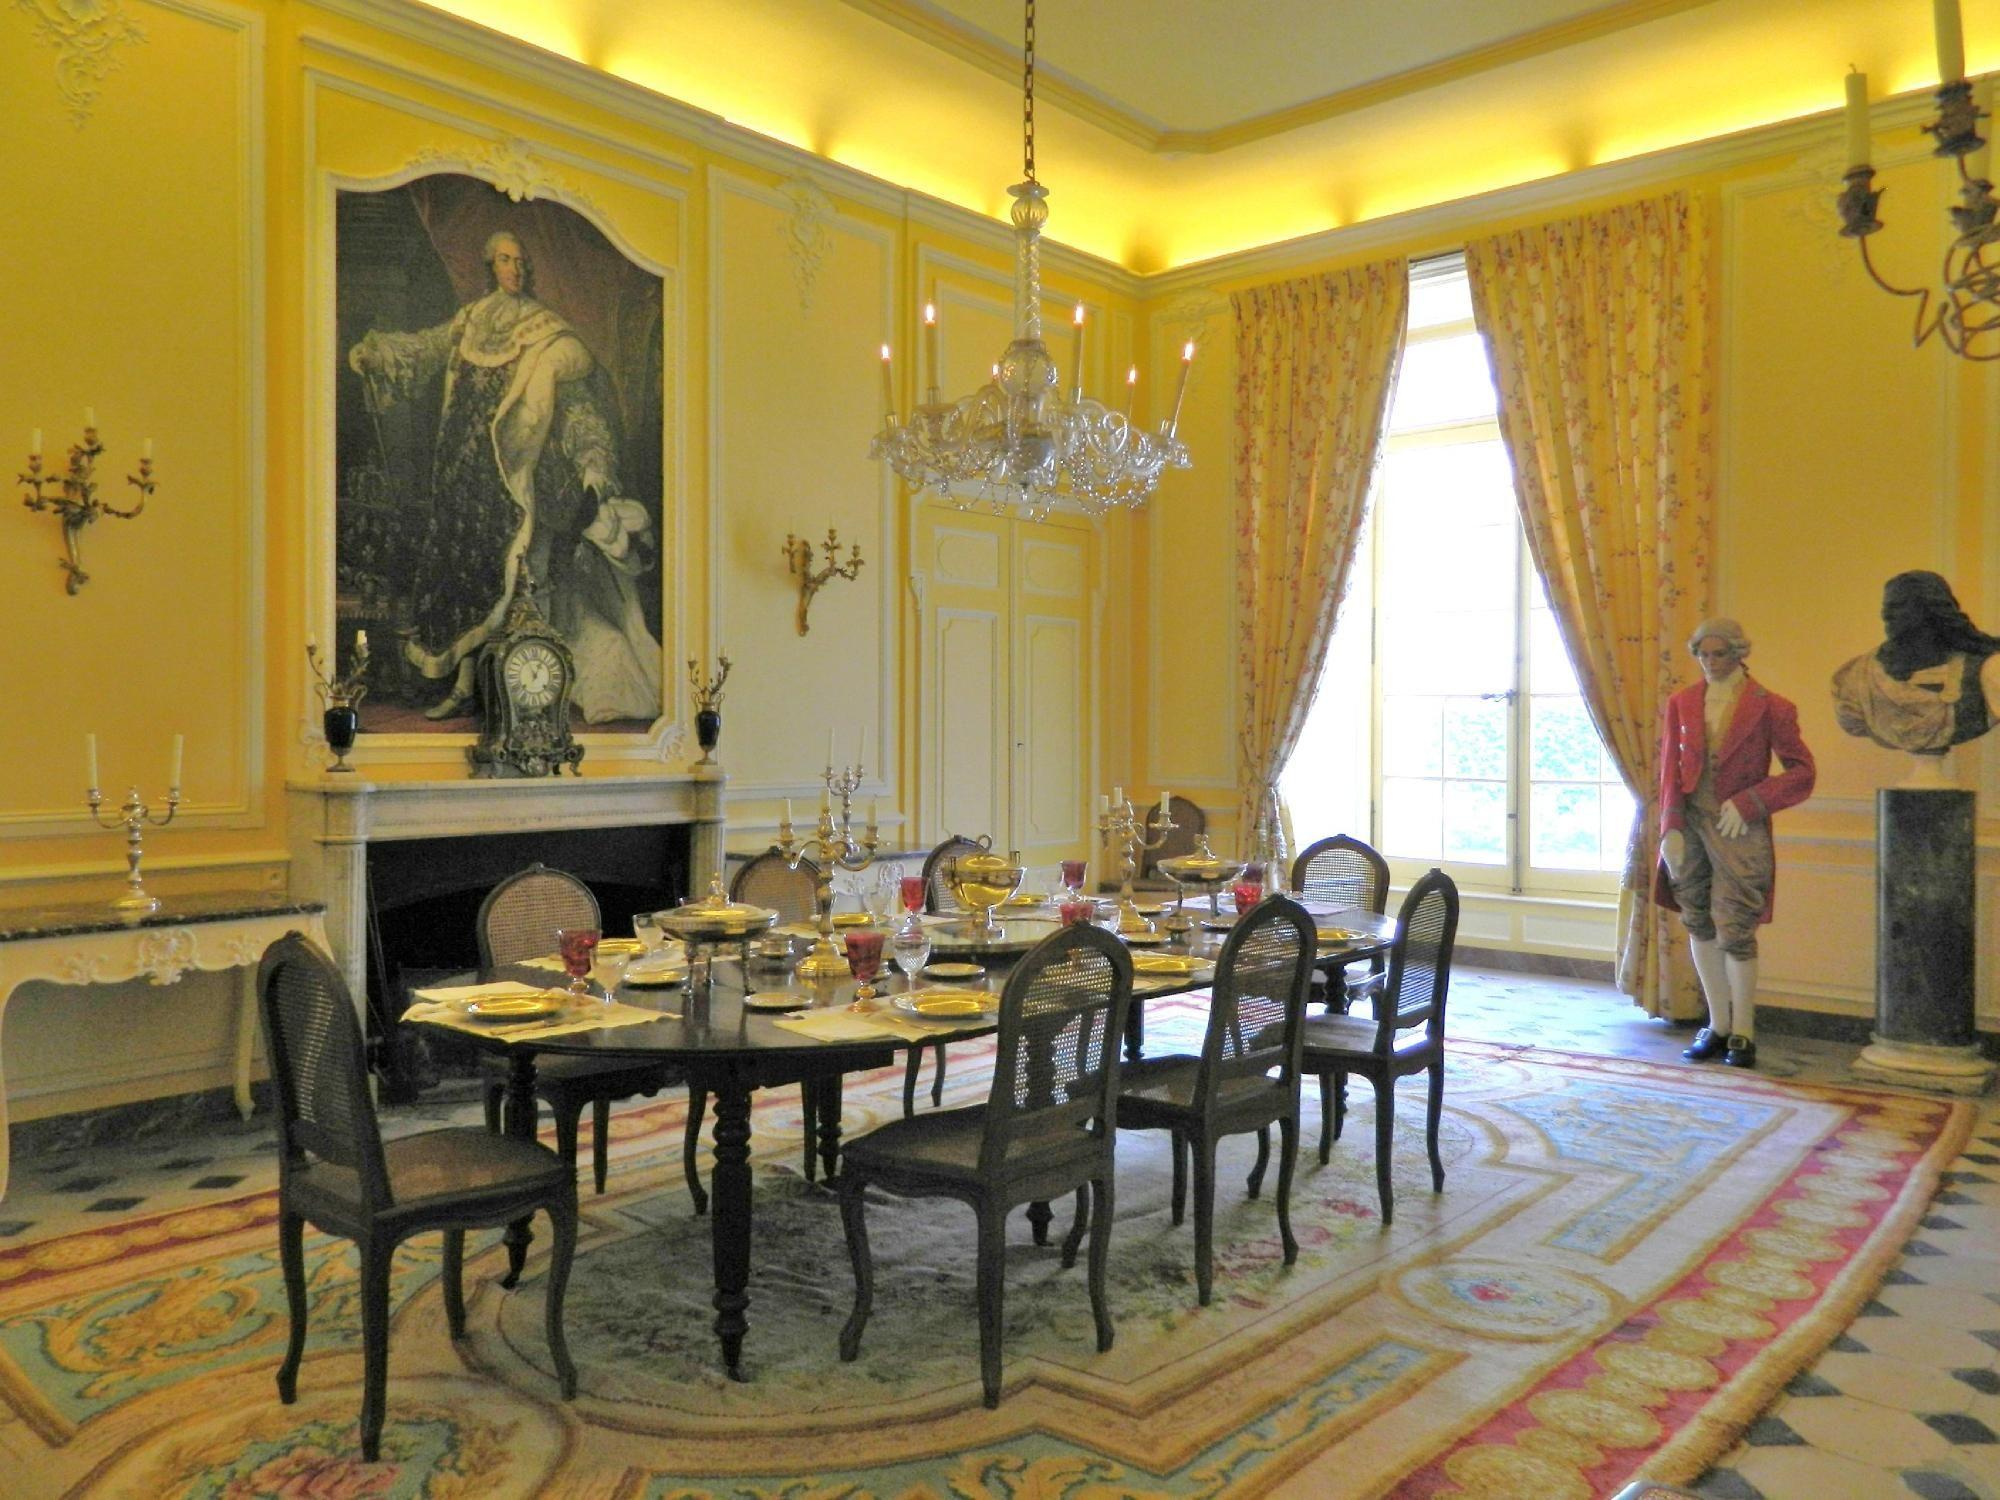 Ch teau d 39 uss la salle manger france ch teau d 39 uss indre et loire ch teau d 39 uss - La salle a manger paris ...